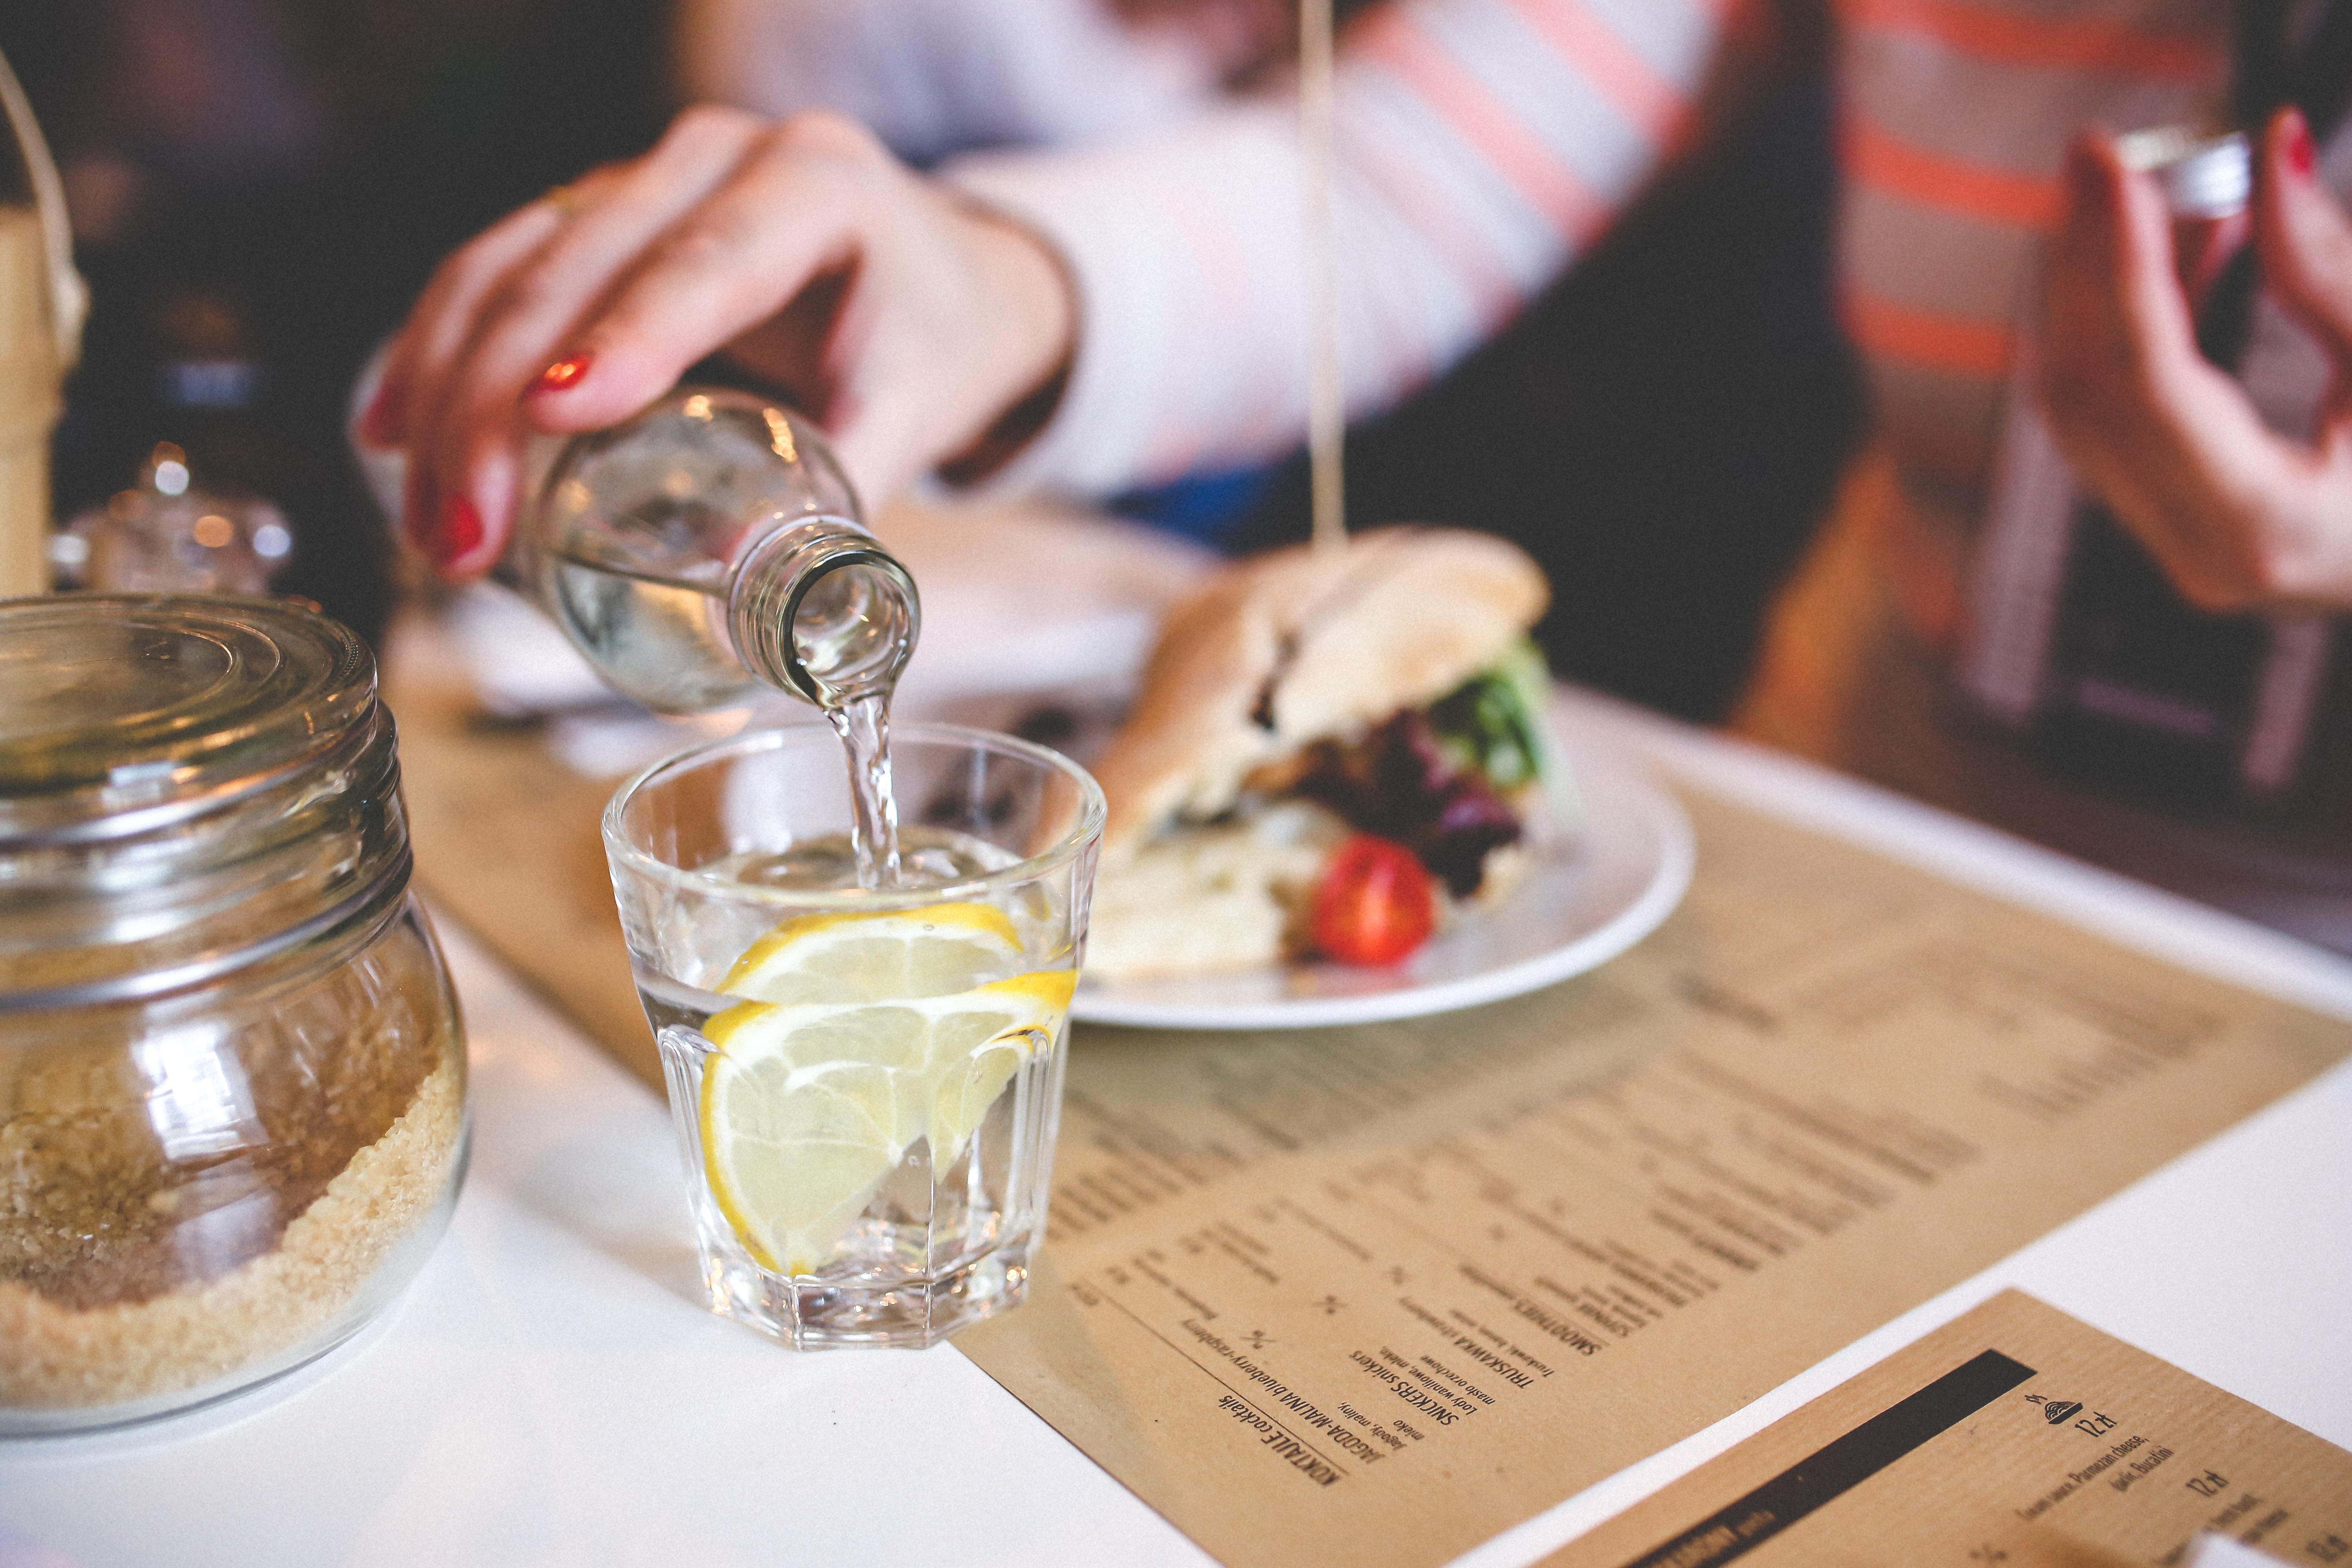 картинки еда пить боятся других